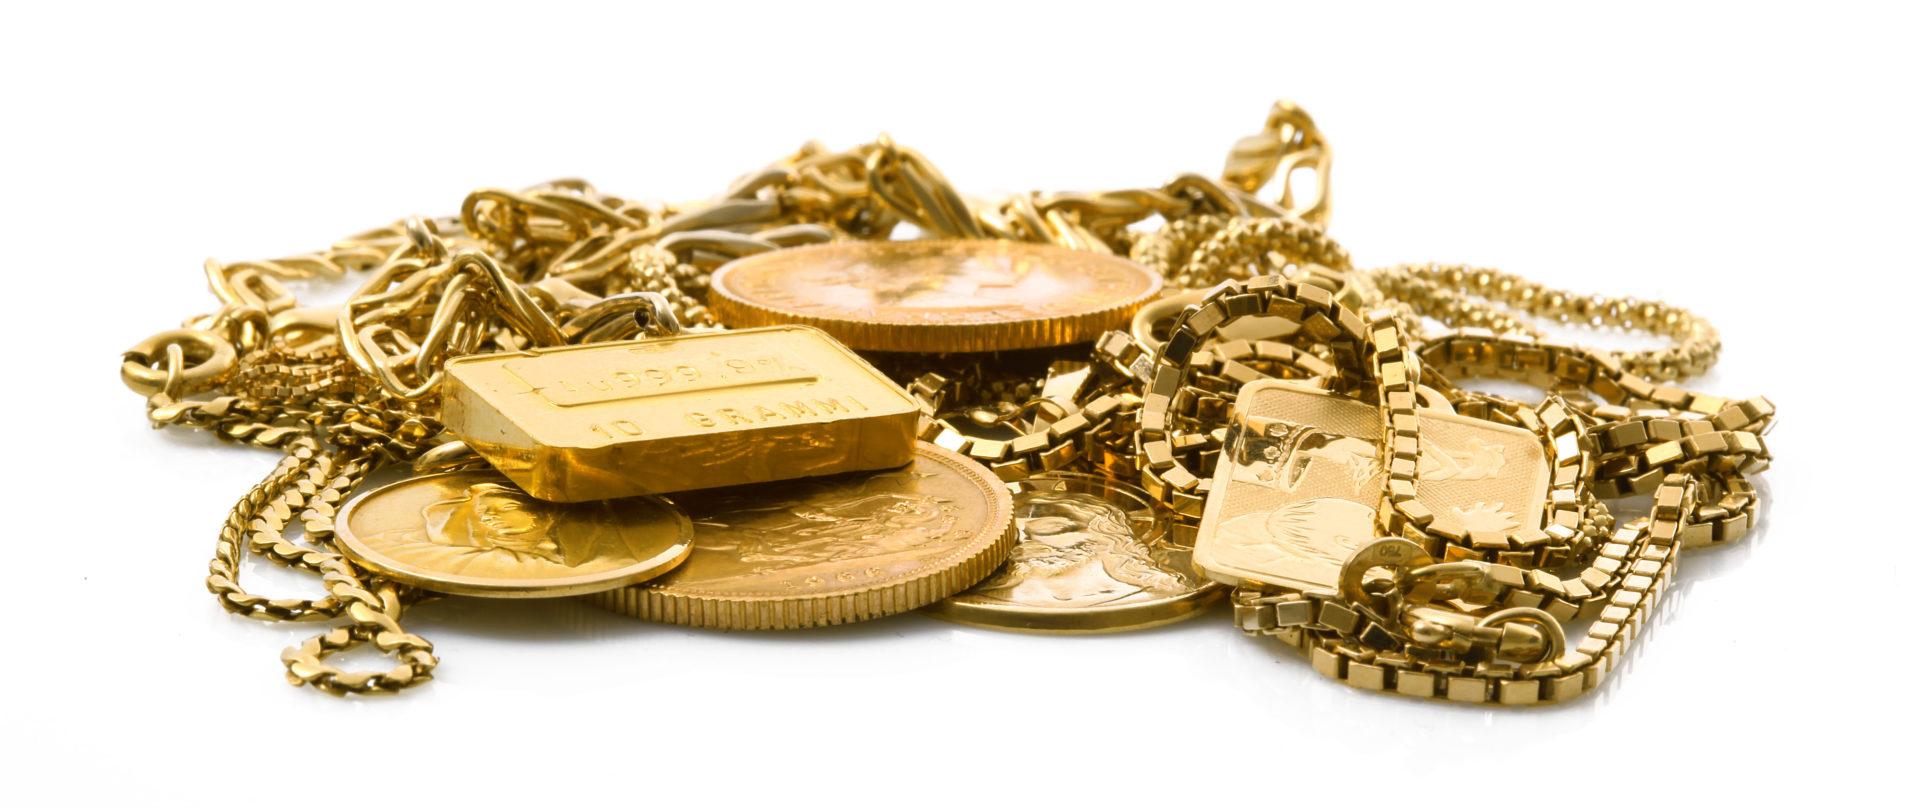 Aurax Edelmetallhandel GmbH Goldankauf Köln, Altgoldankauf, online Goldankauf, Gold per Post verkaufen, Anlagegold , Goldmünzen Ankauf, Goldankauf Bonn, Goldankauf Düsseldorf